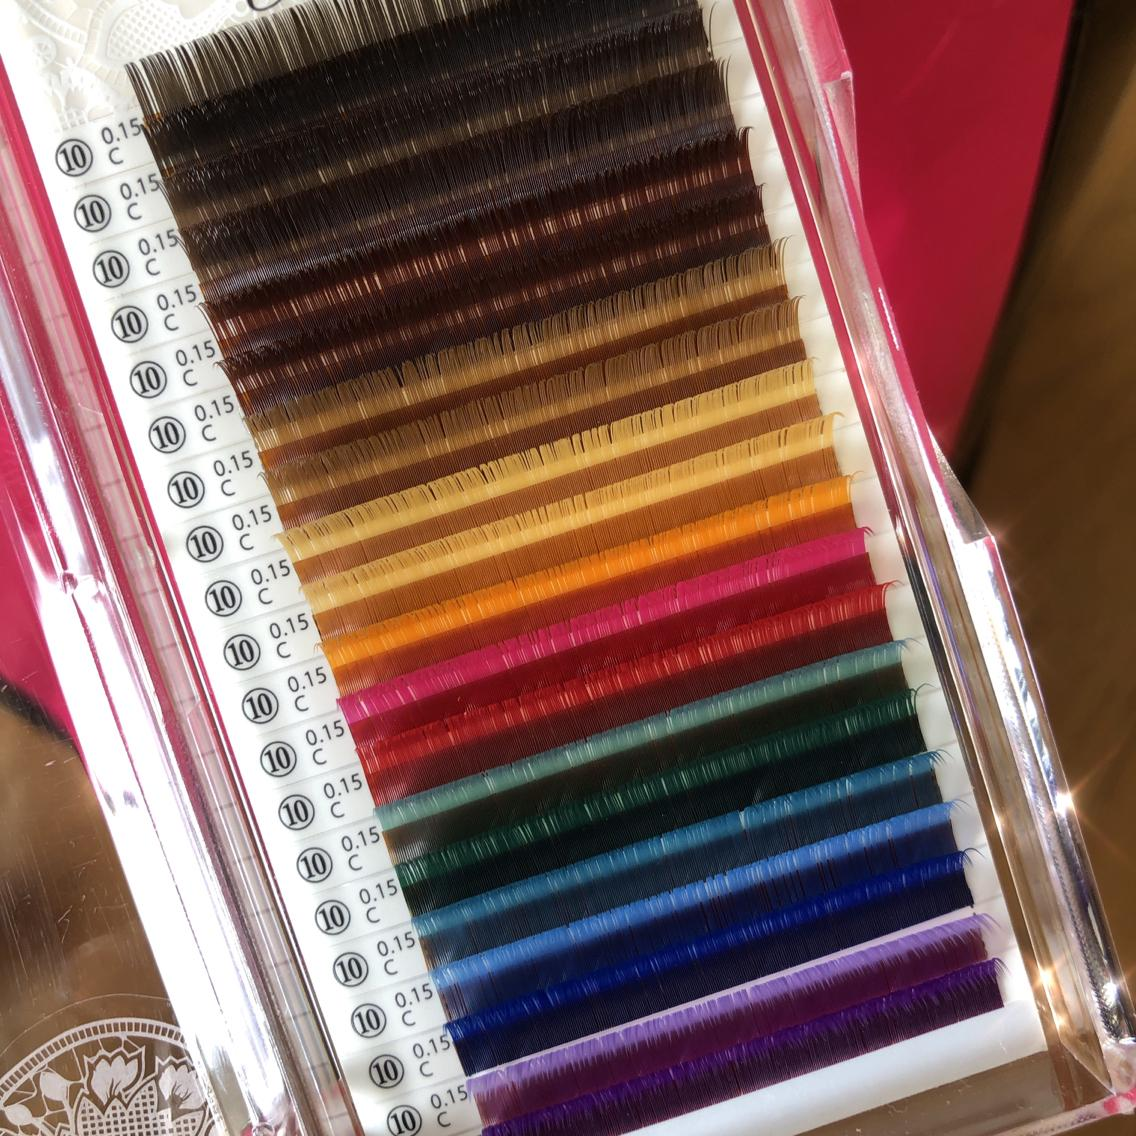 #その他 カラーエクステ ♡ 14色ご用意してます 𓅯